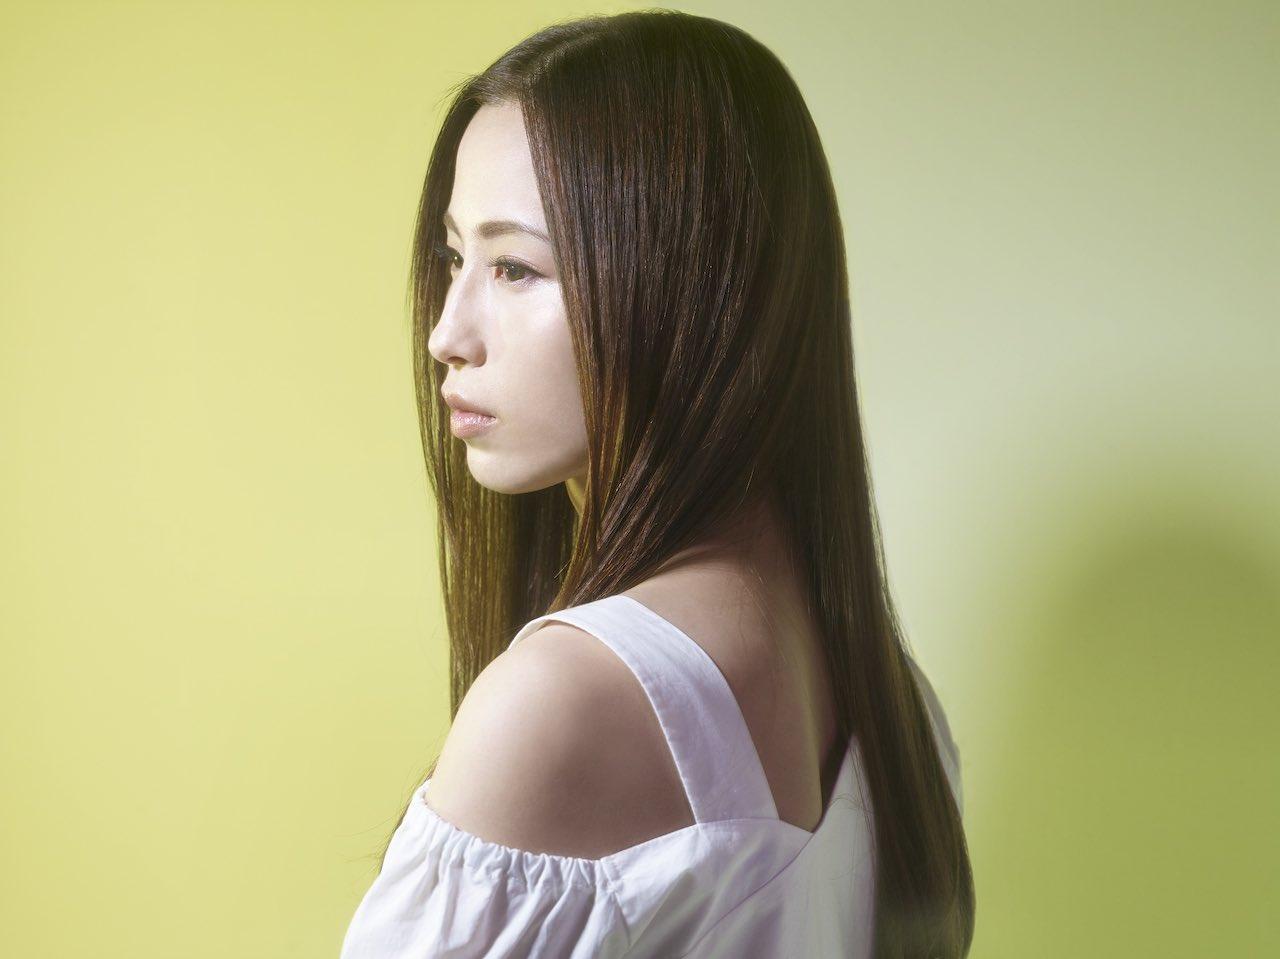 Uru、ニューシングル「ファーストラヴ」収録「ドライフラワー」カバーのオフィシャルオーディオを公開!